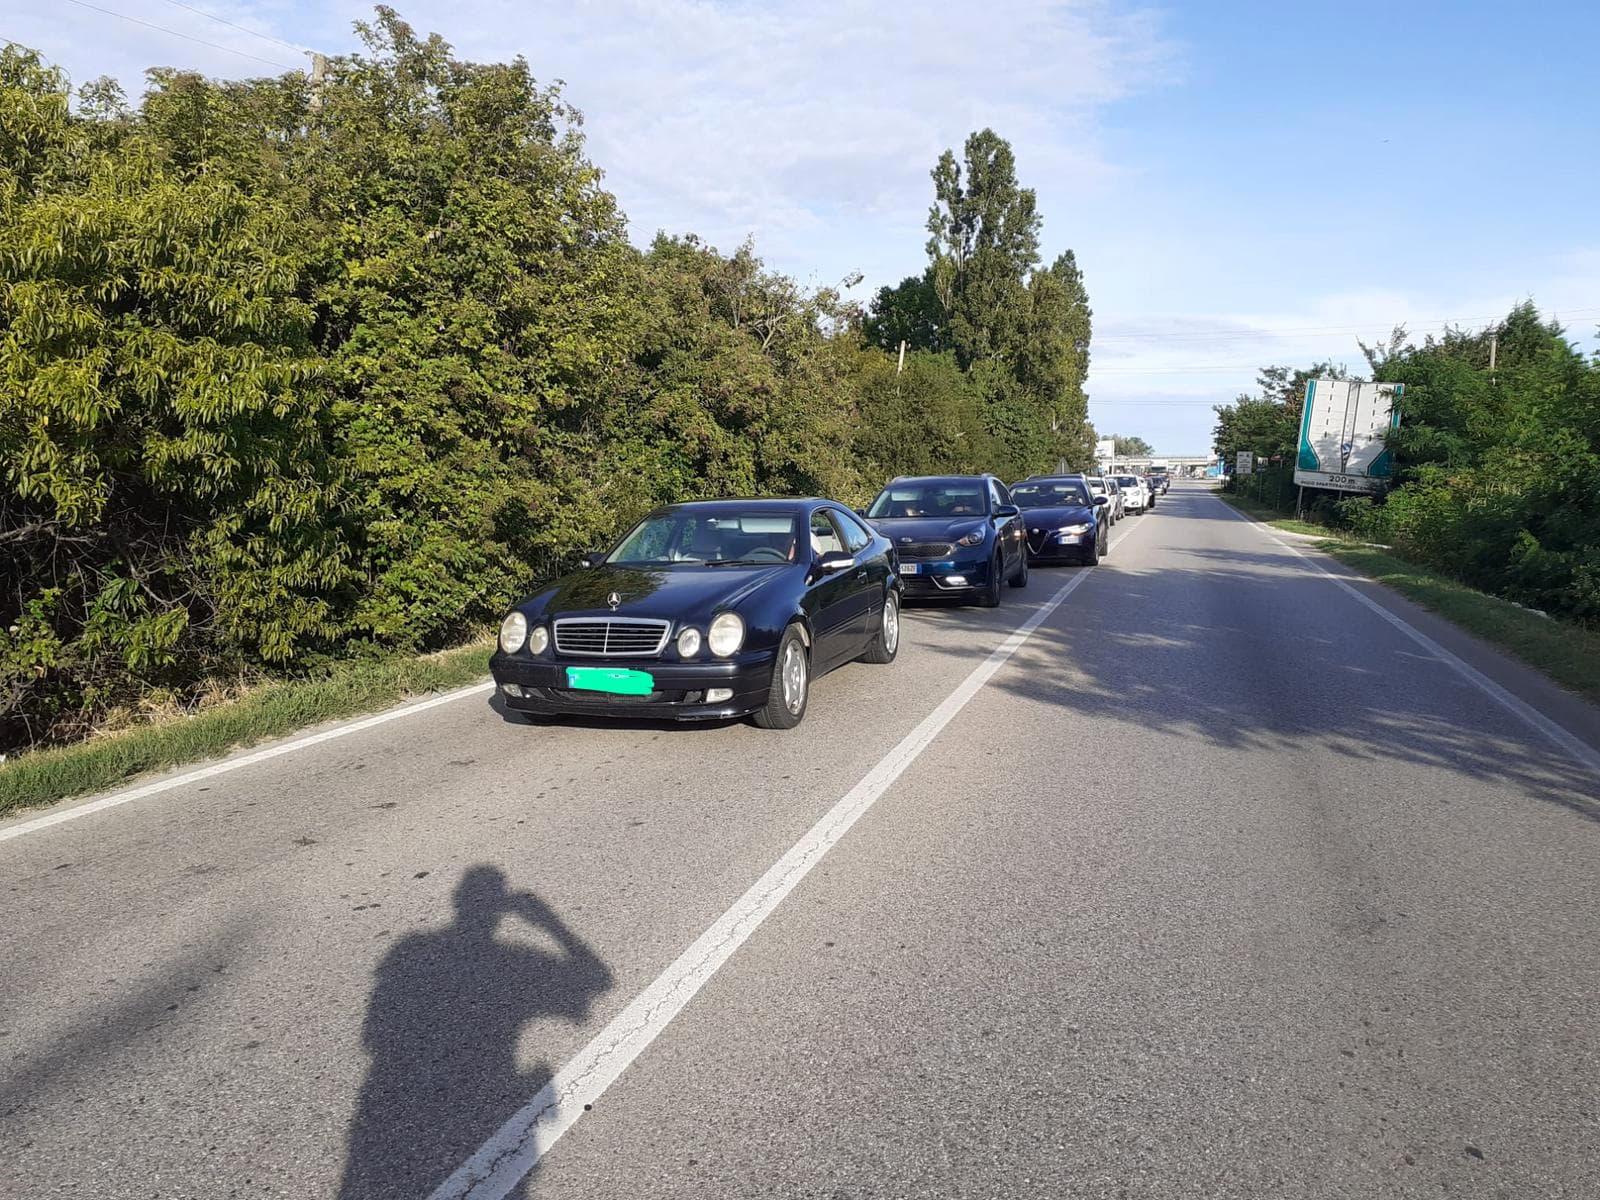 incidente-adriatica-1porsche-21giugno2020-ravenna.html-2